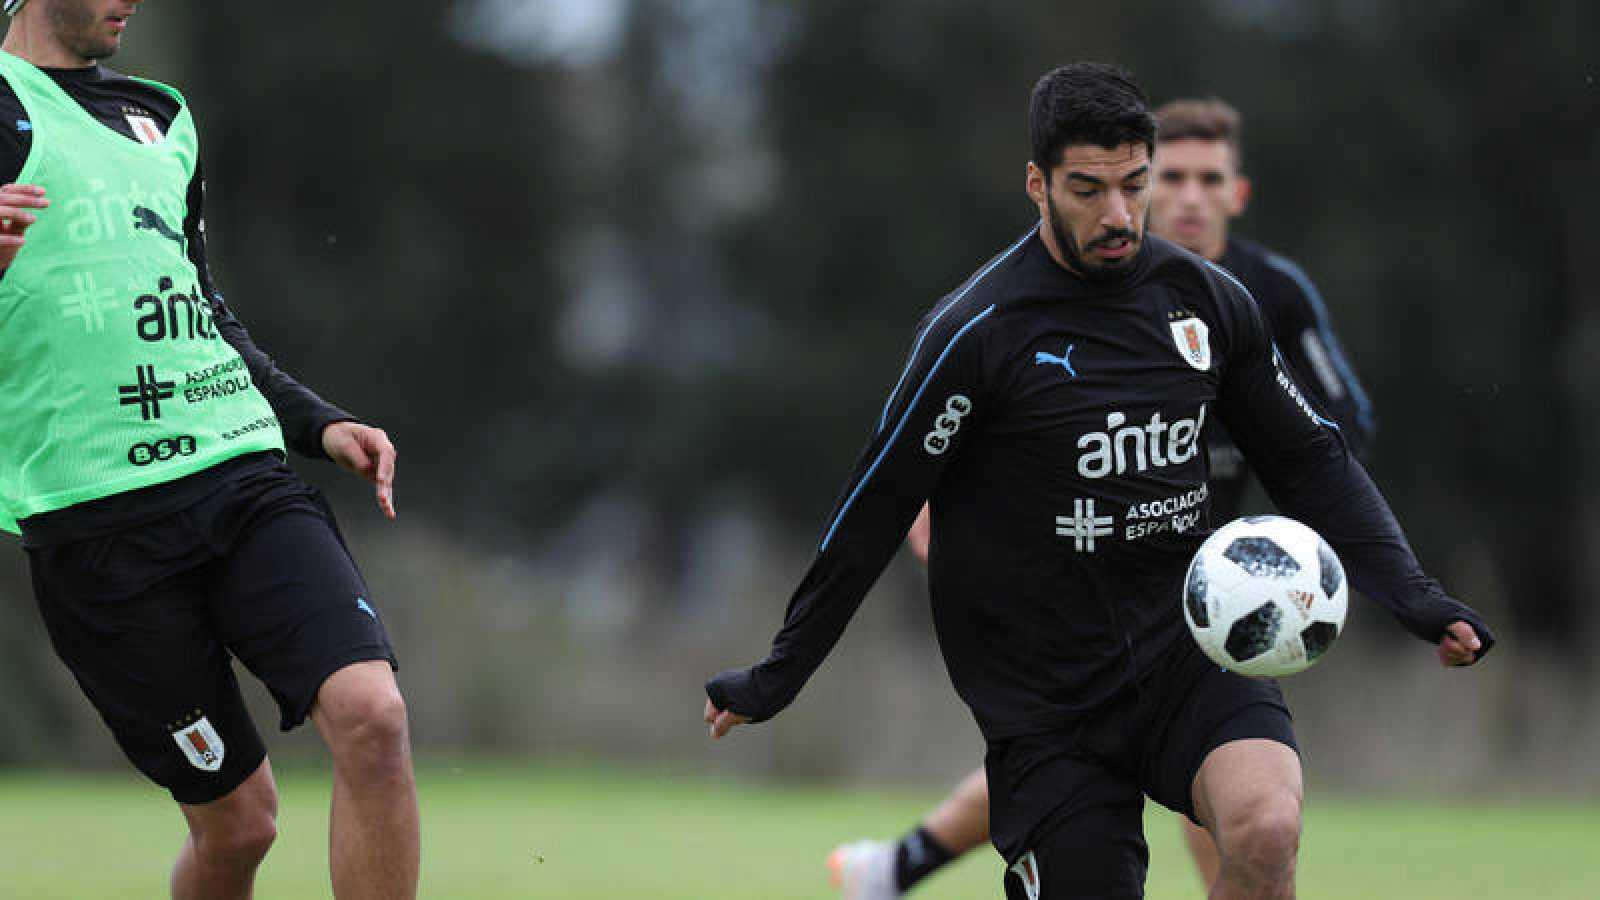 Entrenamiento y rueda de prensa de la selección uruguaya con Luis Suárez en primer término.